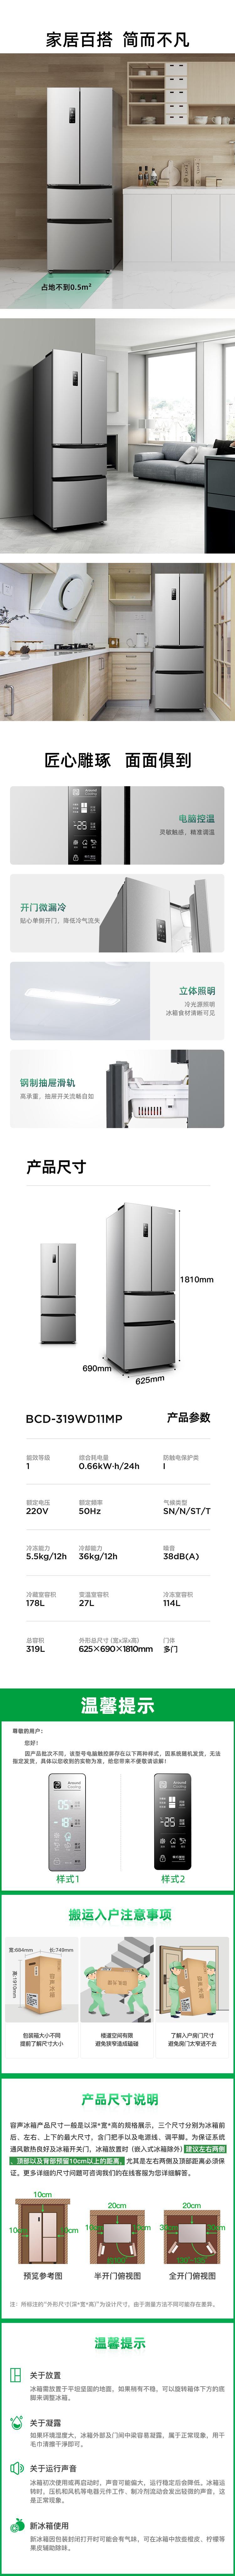 詳情2_副本.jpg